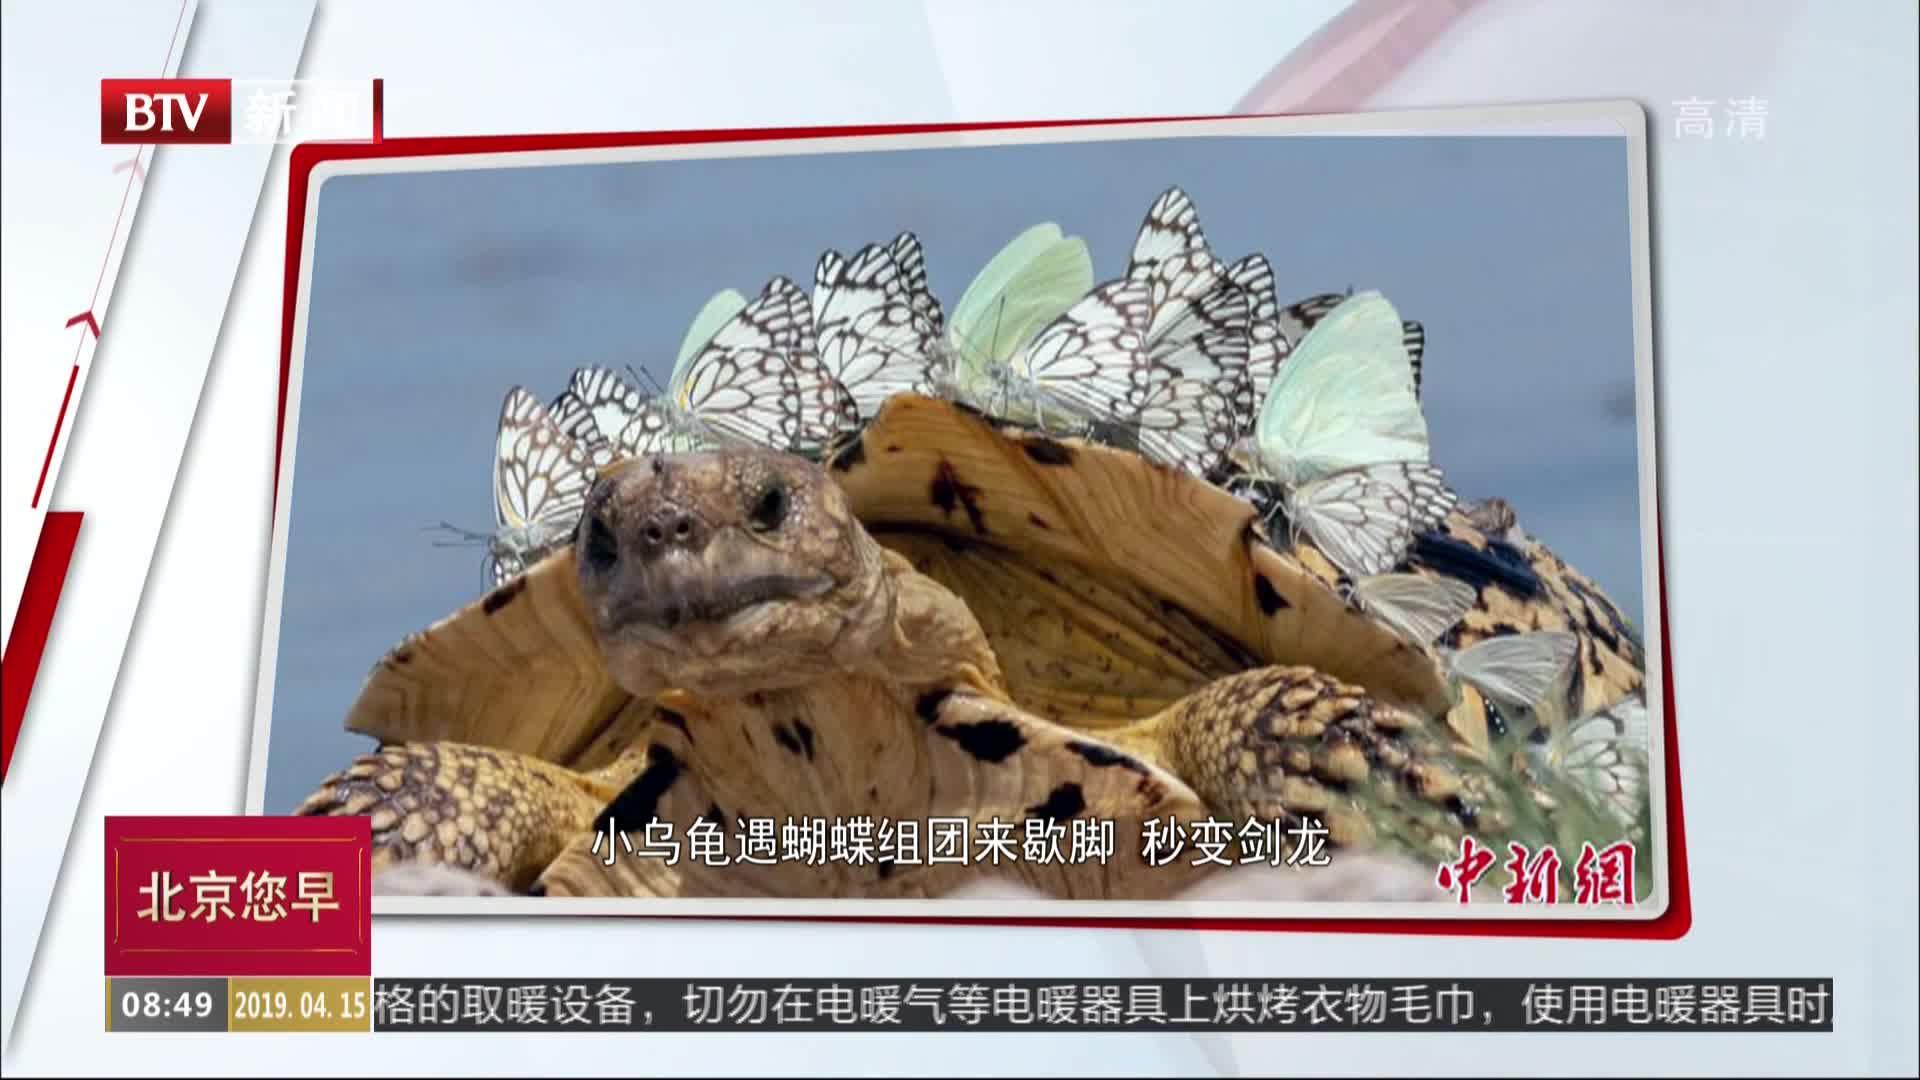 [视频]小乌龟遇蝴蝶组团来歇脚 秒变剑龙